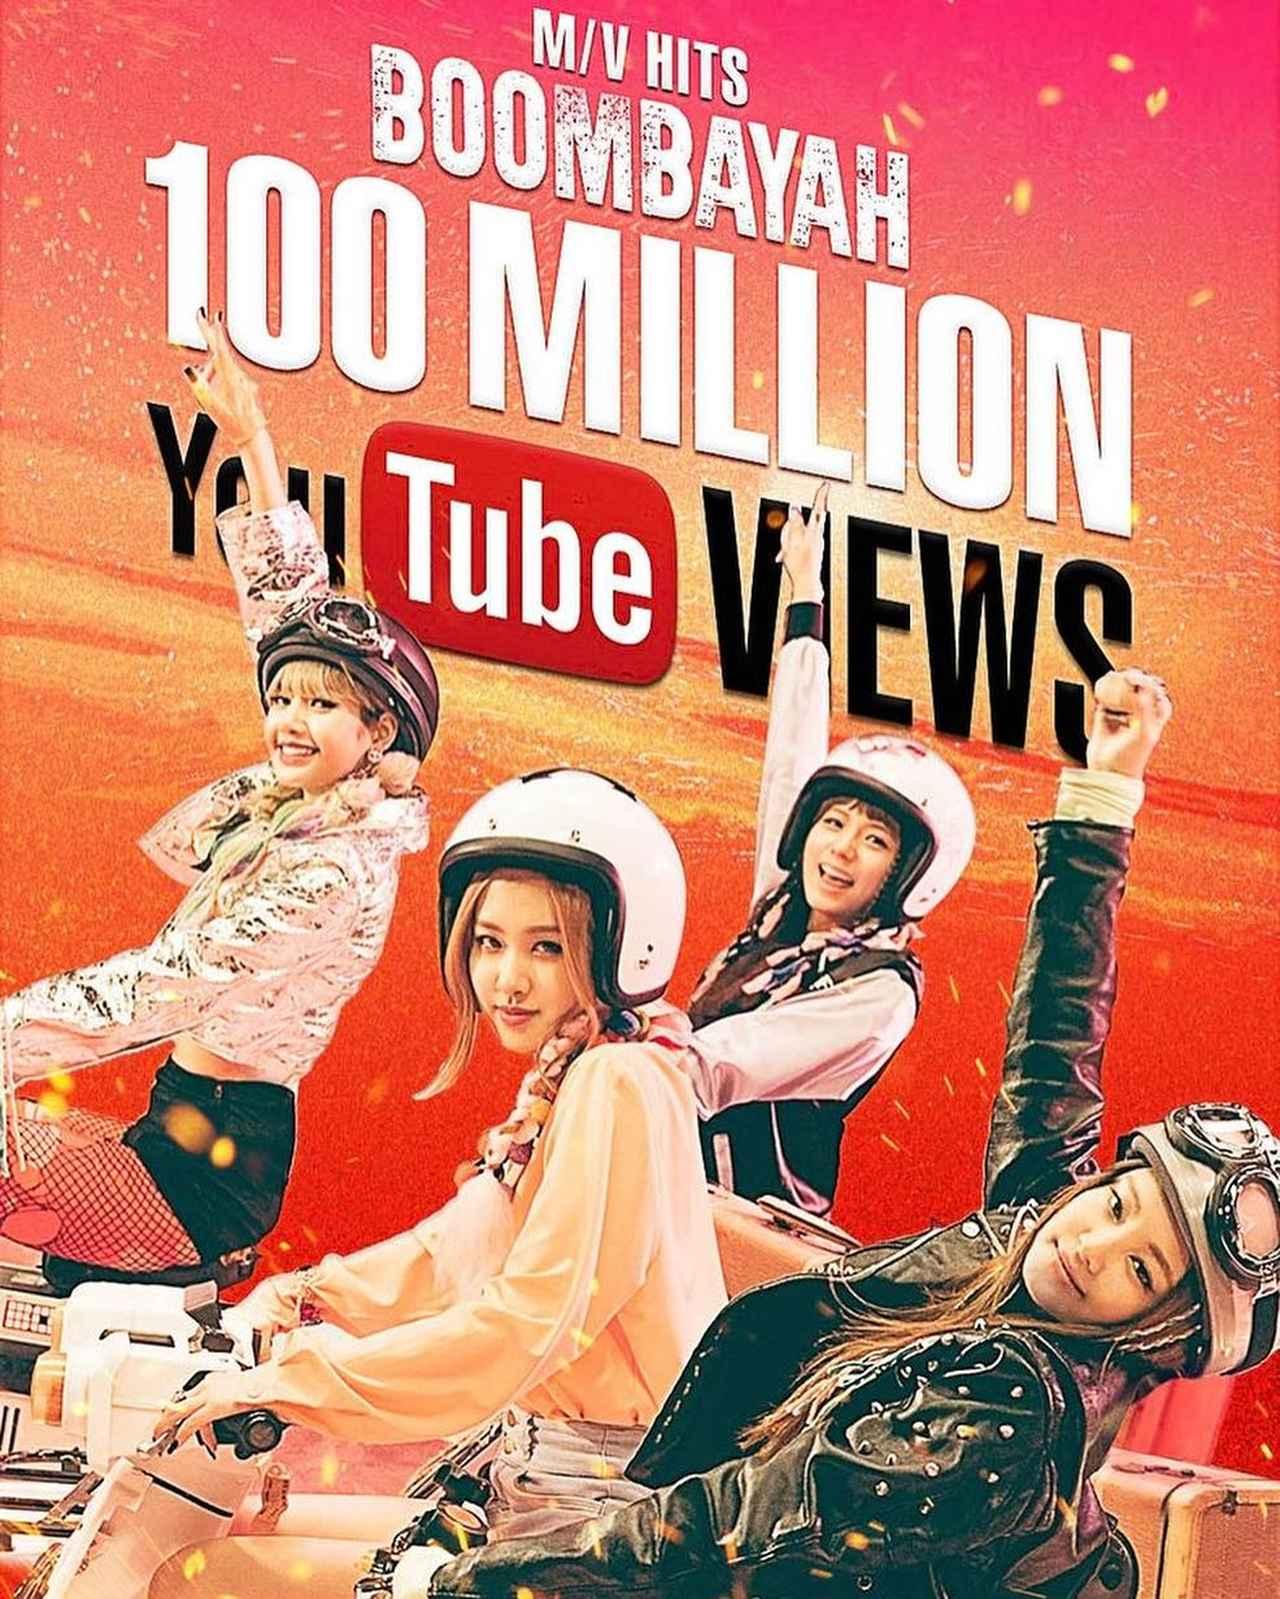 画像1: BLACKPINK'S LISA 리사さんはInstagramを利用しています:「♡ WE DID IT GUYS!!! #BOOMBAYAH100M #100MBOOMBAYAHPARTY In just less than 6 months, BLACKPINK already has their first MV with 100,000,000+…」 www.instagram.com